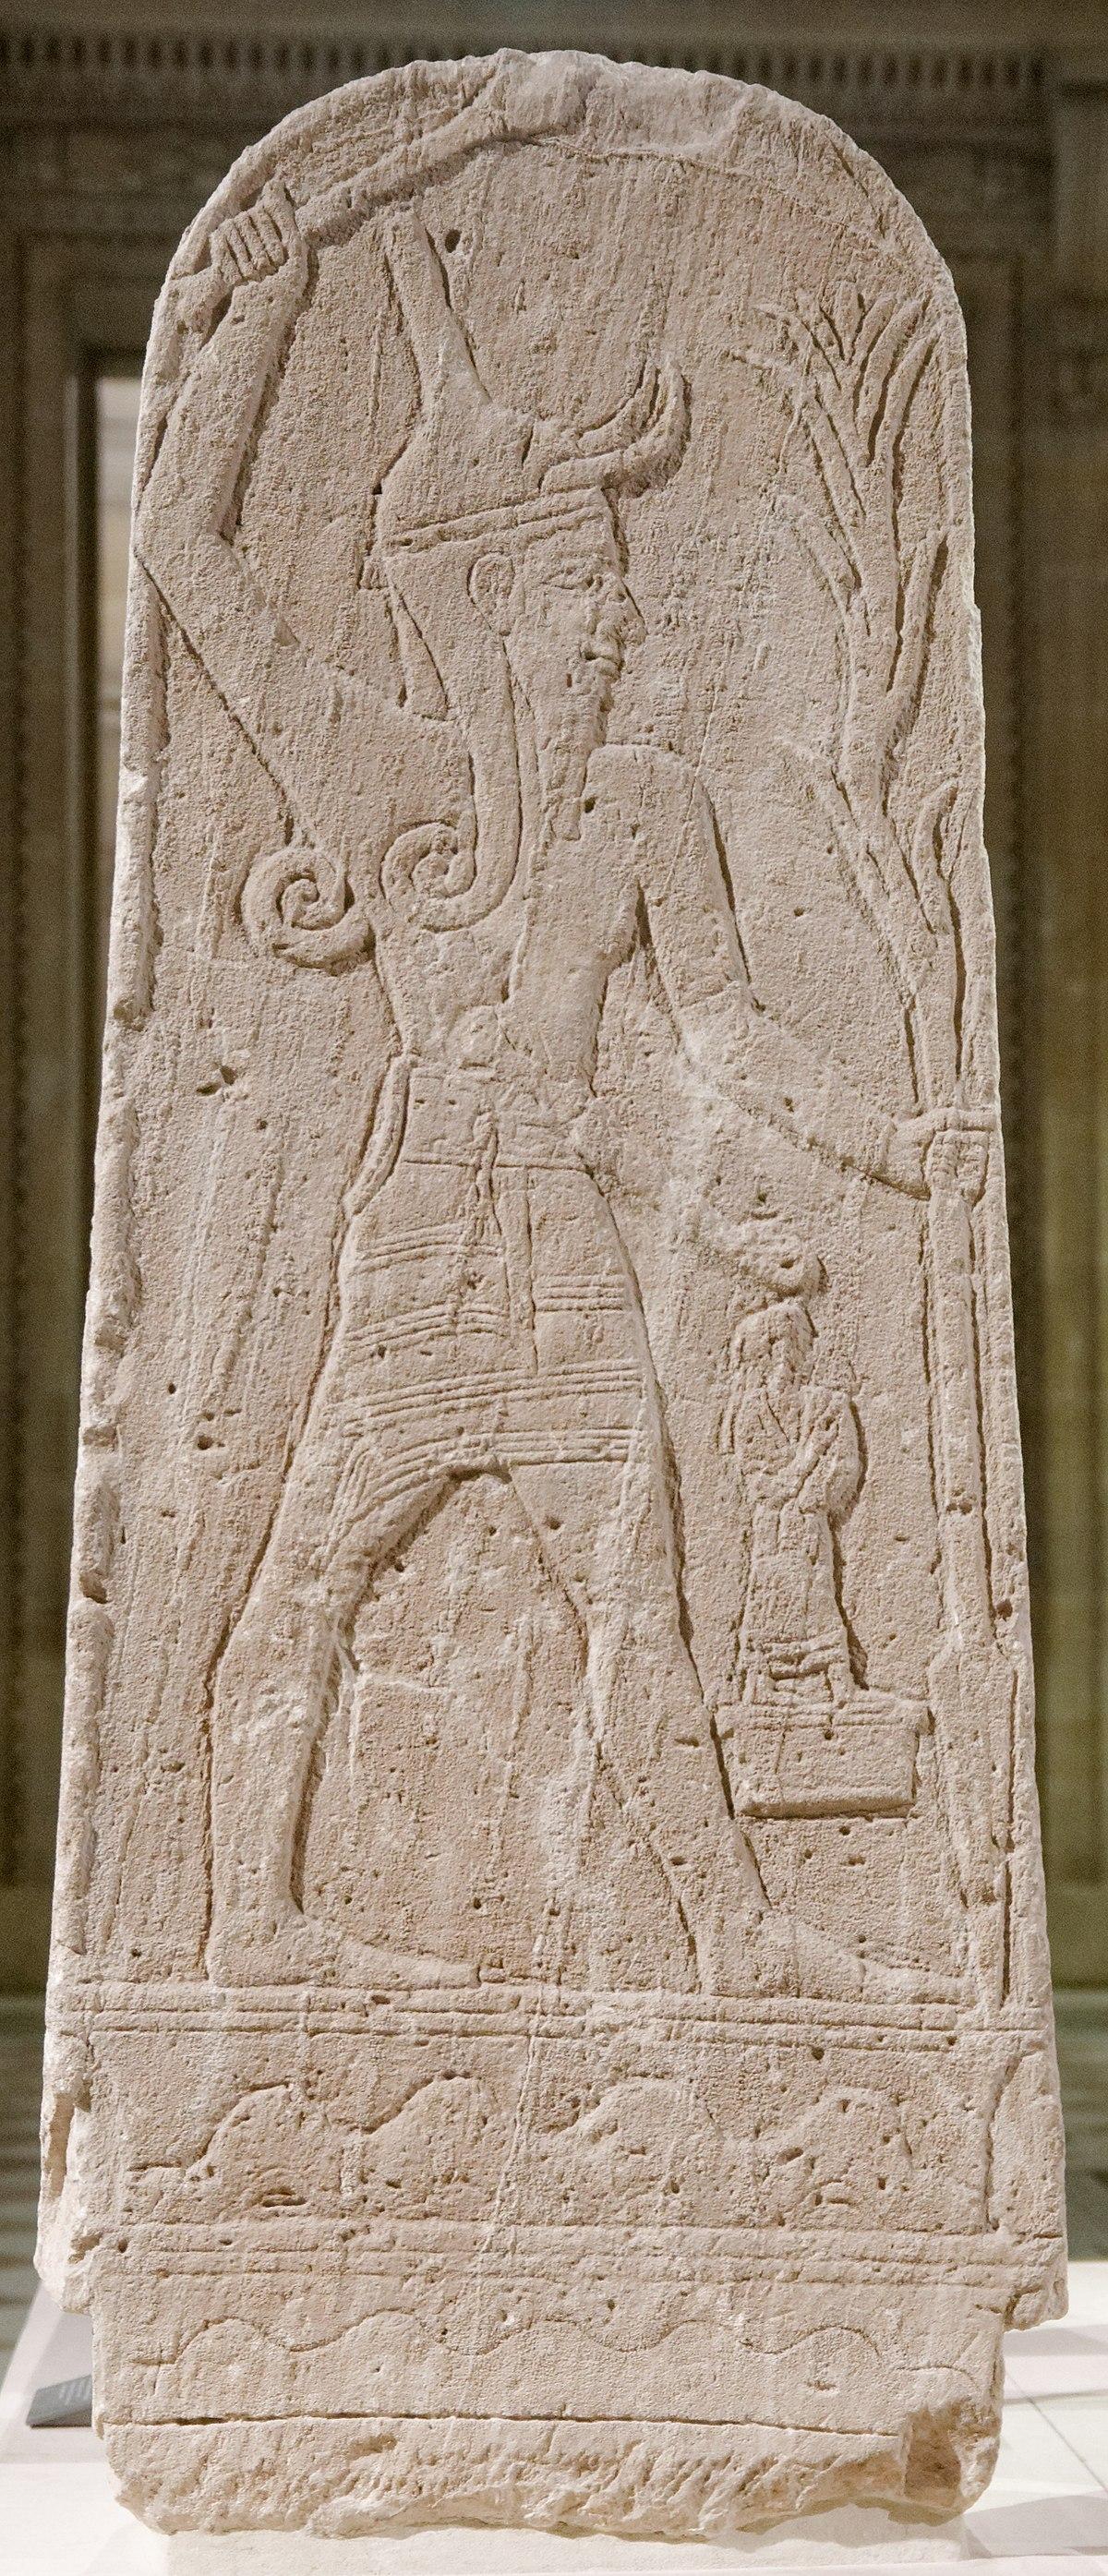 Baal - Wikipedia